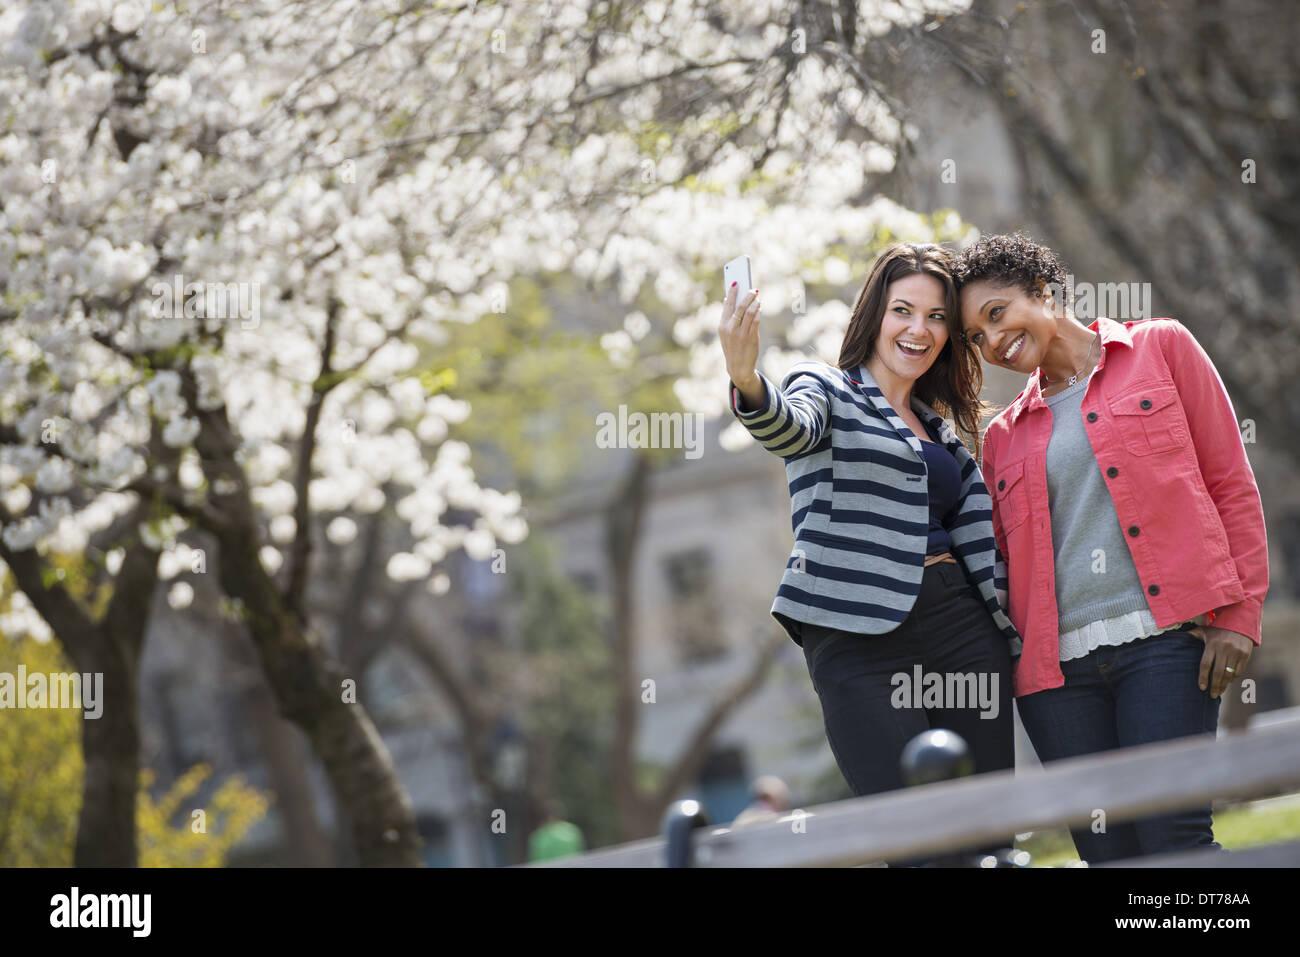 Il tempo primaverile. New York City Park. Una giovane donna tenendo fuori un telefono per scattare una fotografia di se stessa e di un compagno. Immagini Stock